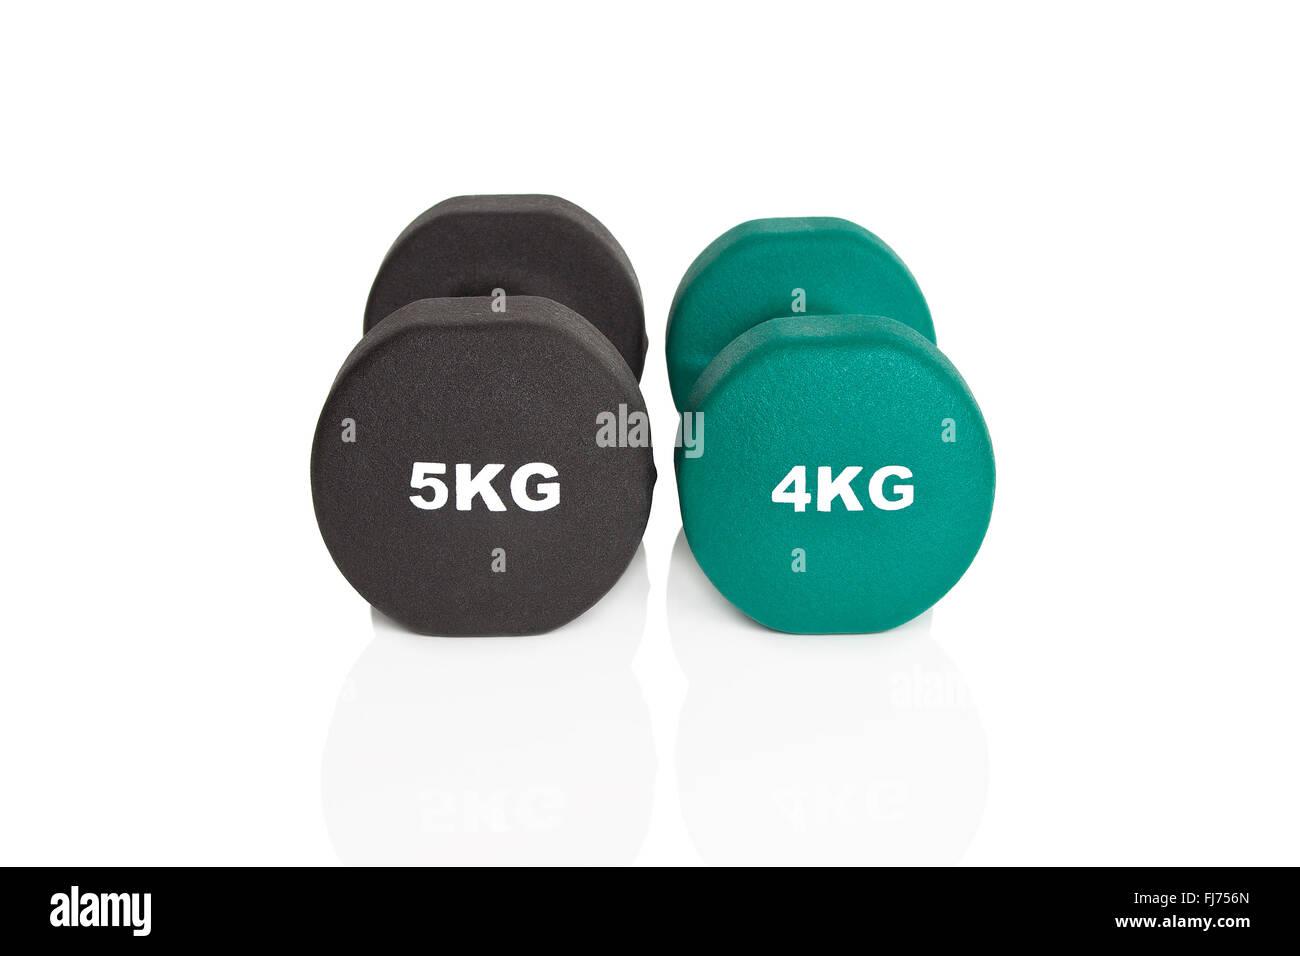 Verde y negro de 4Kg 5Kg mancuernas aislado sobre fondo blanco. Los pesos para un entrenamiento físico. Foto de stock